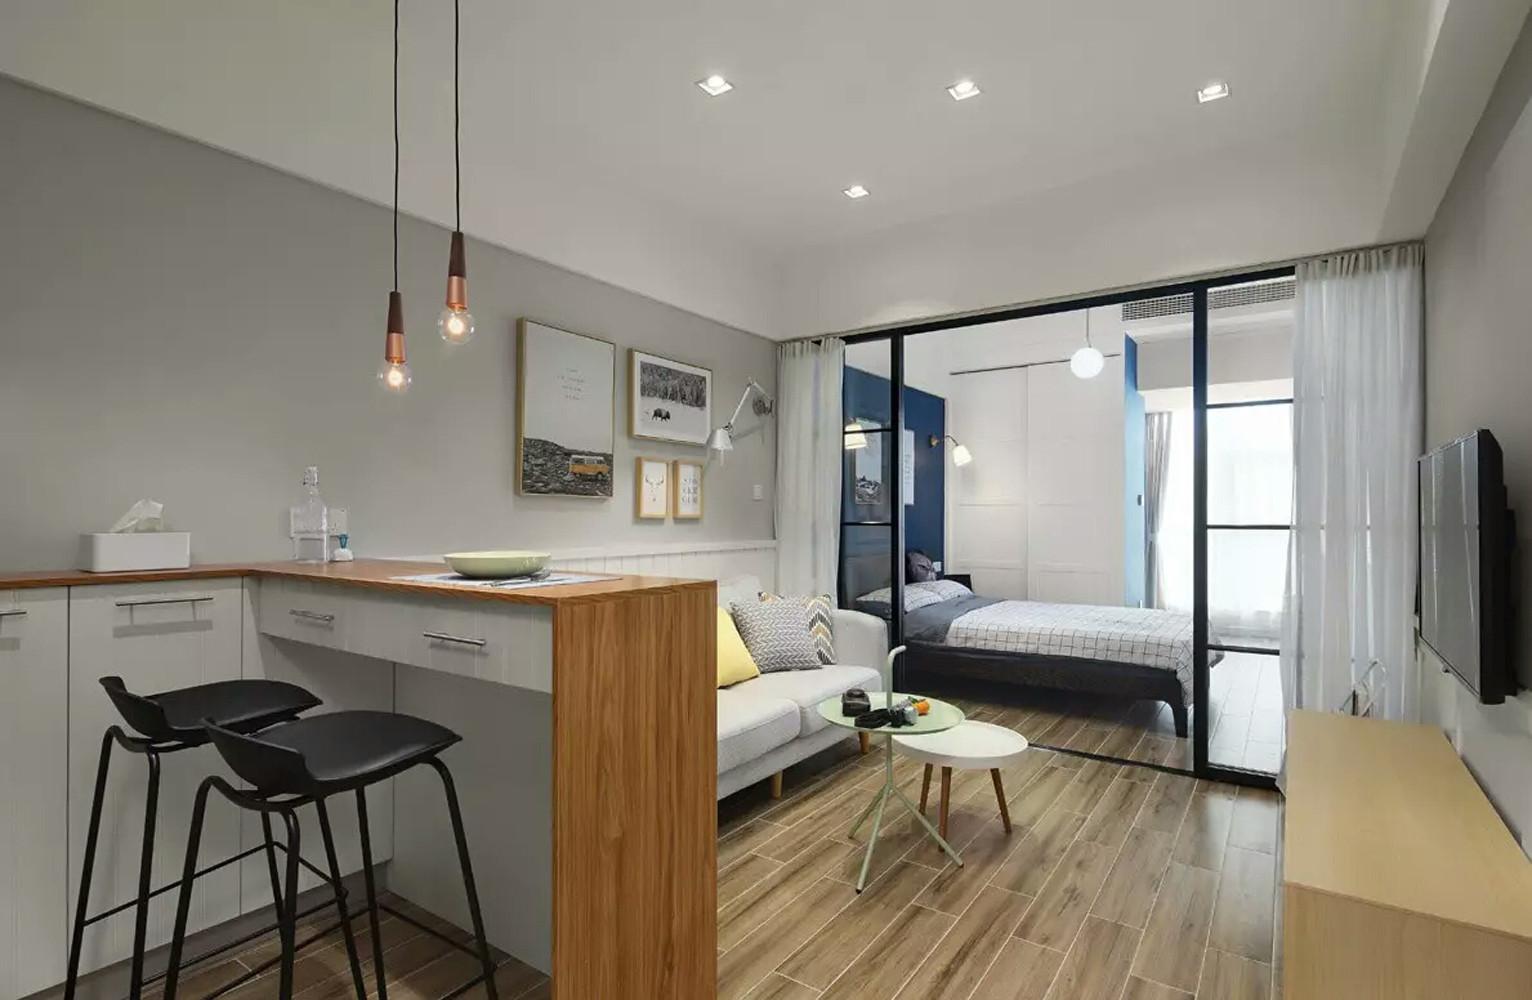 一居室小户型装修餐客卧布局图